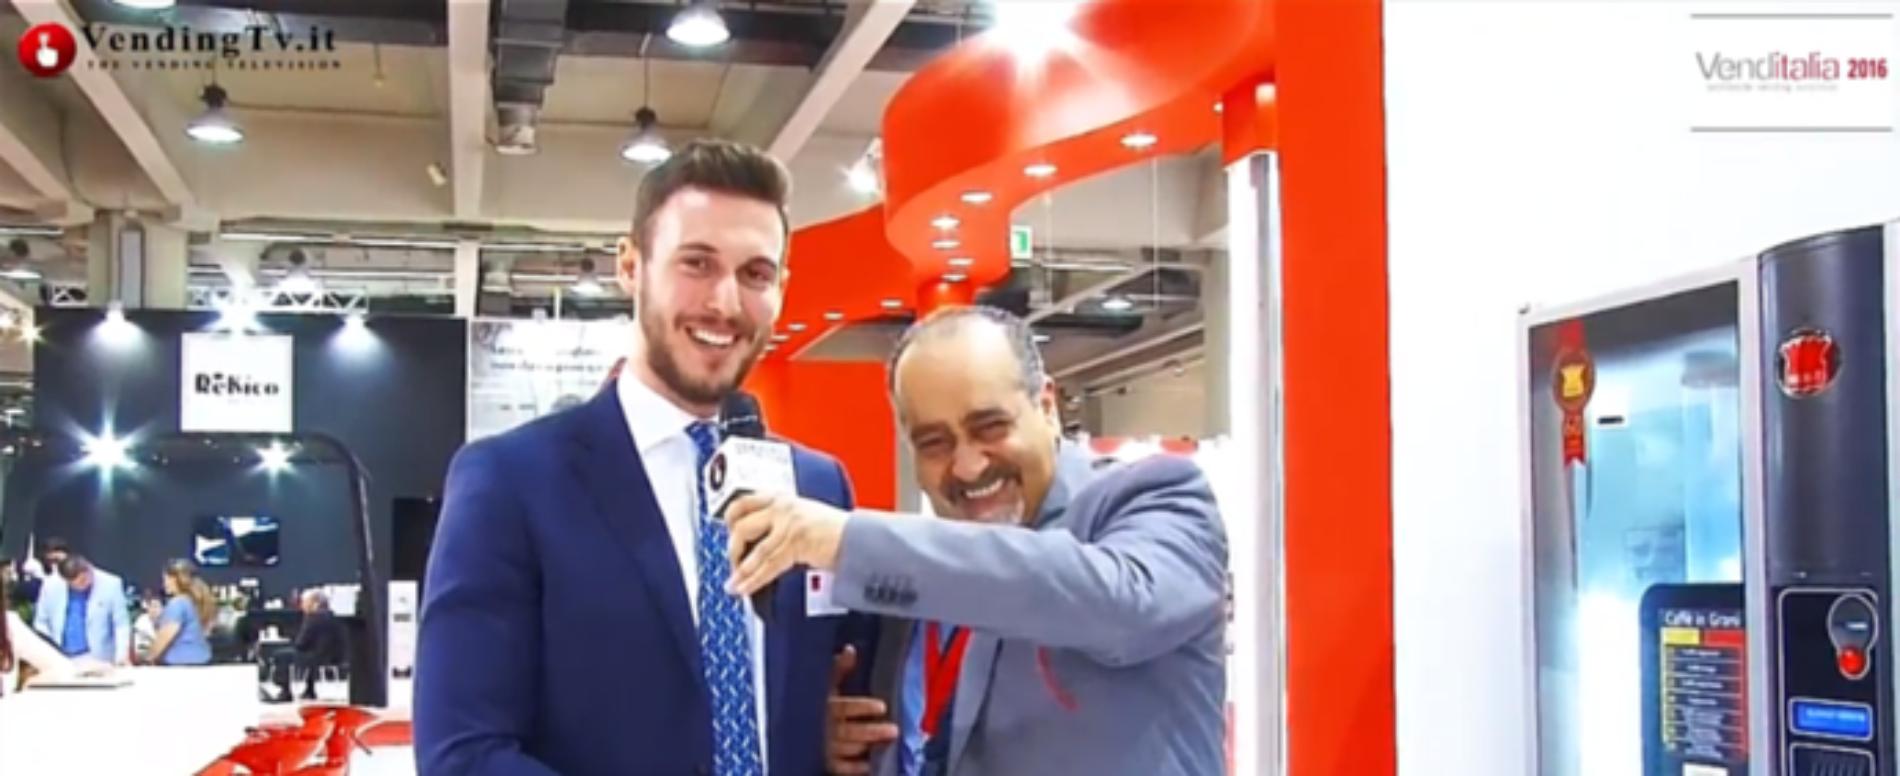 Venditalia 2016. Intervista con F. Sandei della Ducale